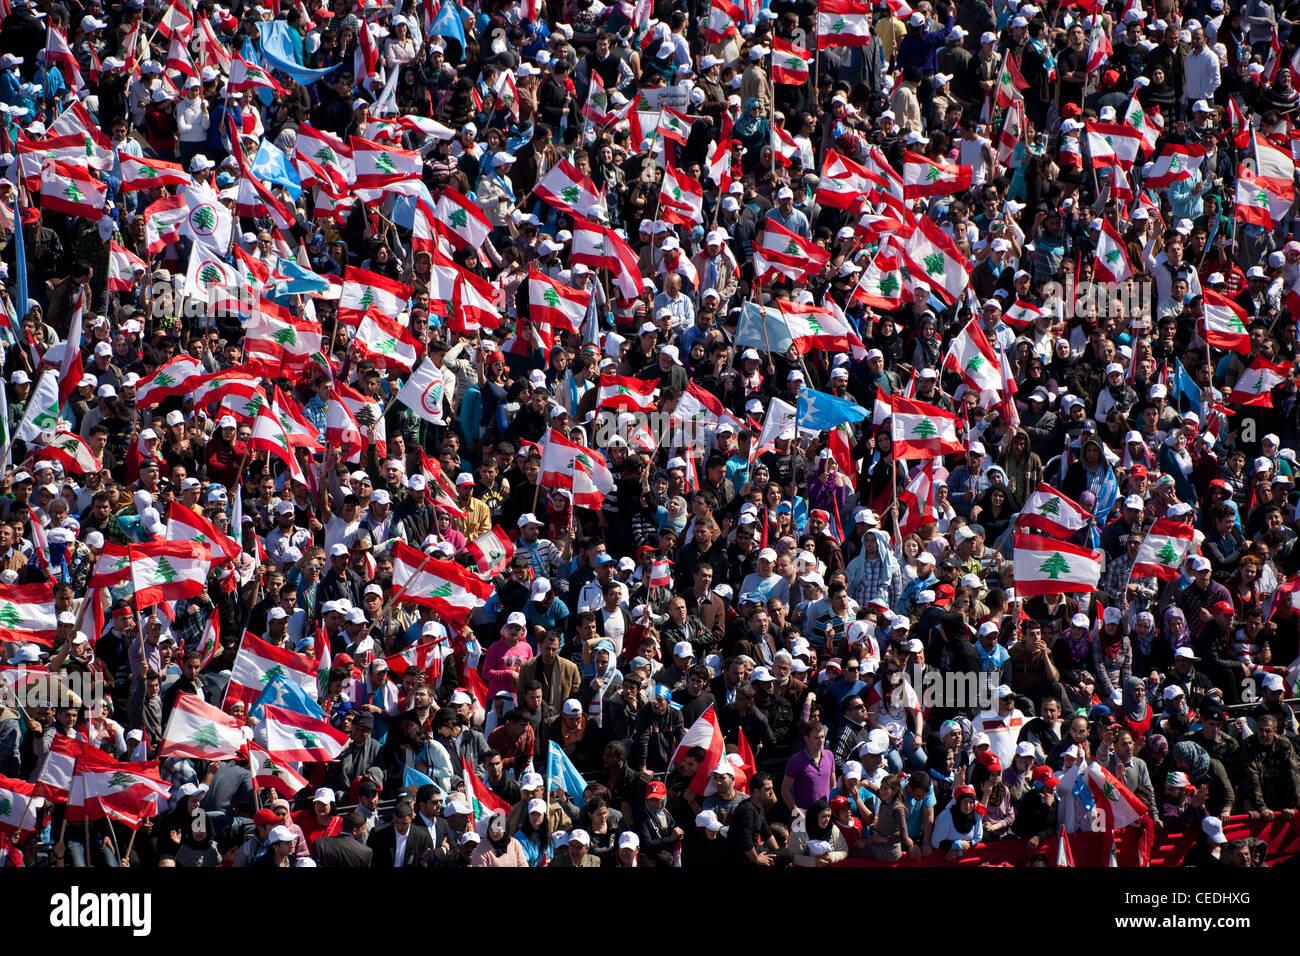 Haut de drapeaux de remplissage des manifestants Place des Martyrs lors d'un rassemblement politique à Photo Stock